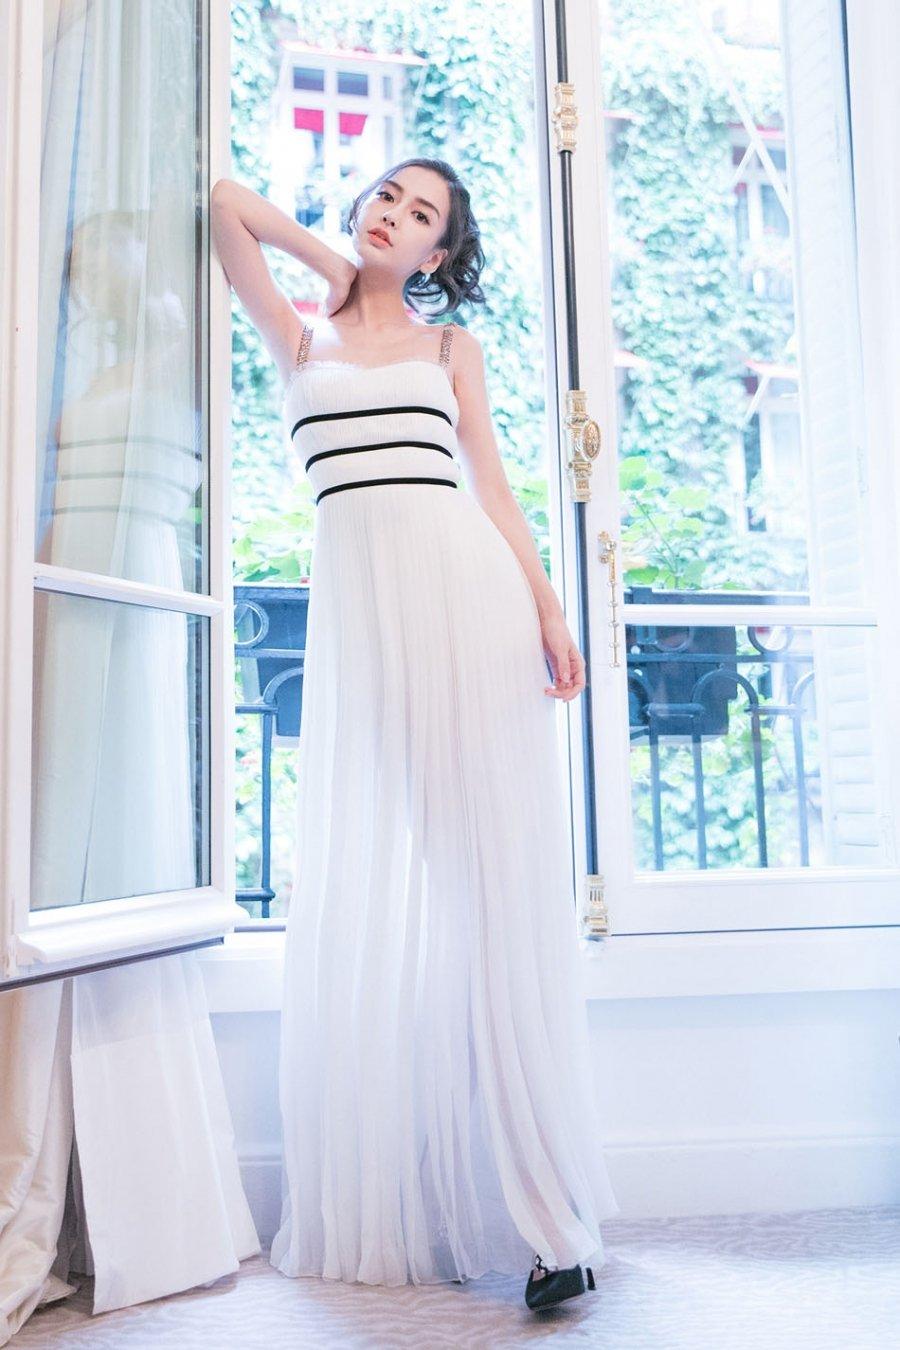 Baby白色纱裙飘然灵动 曲线曼妙尽显法式浪漫